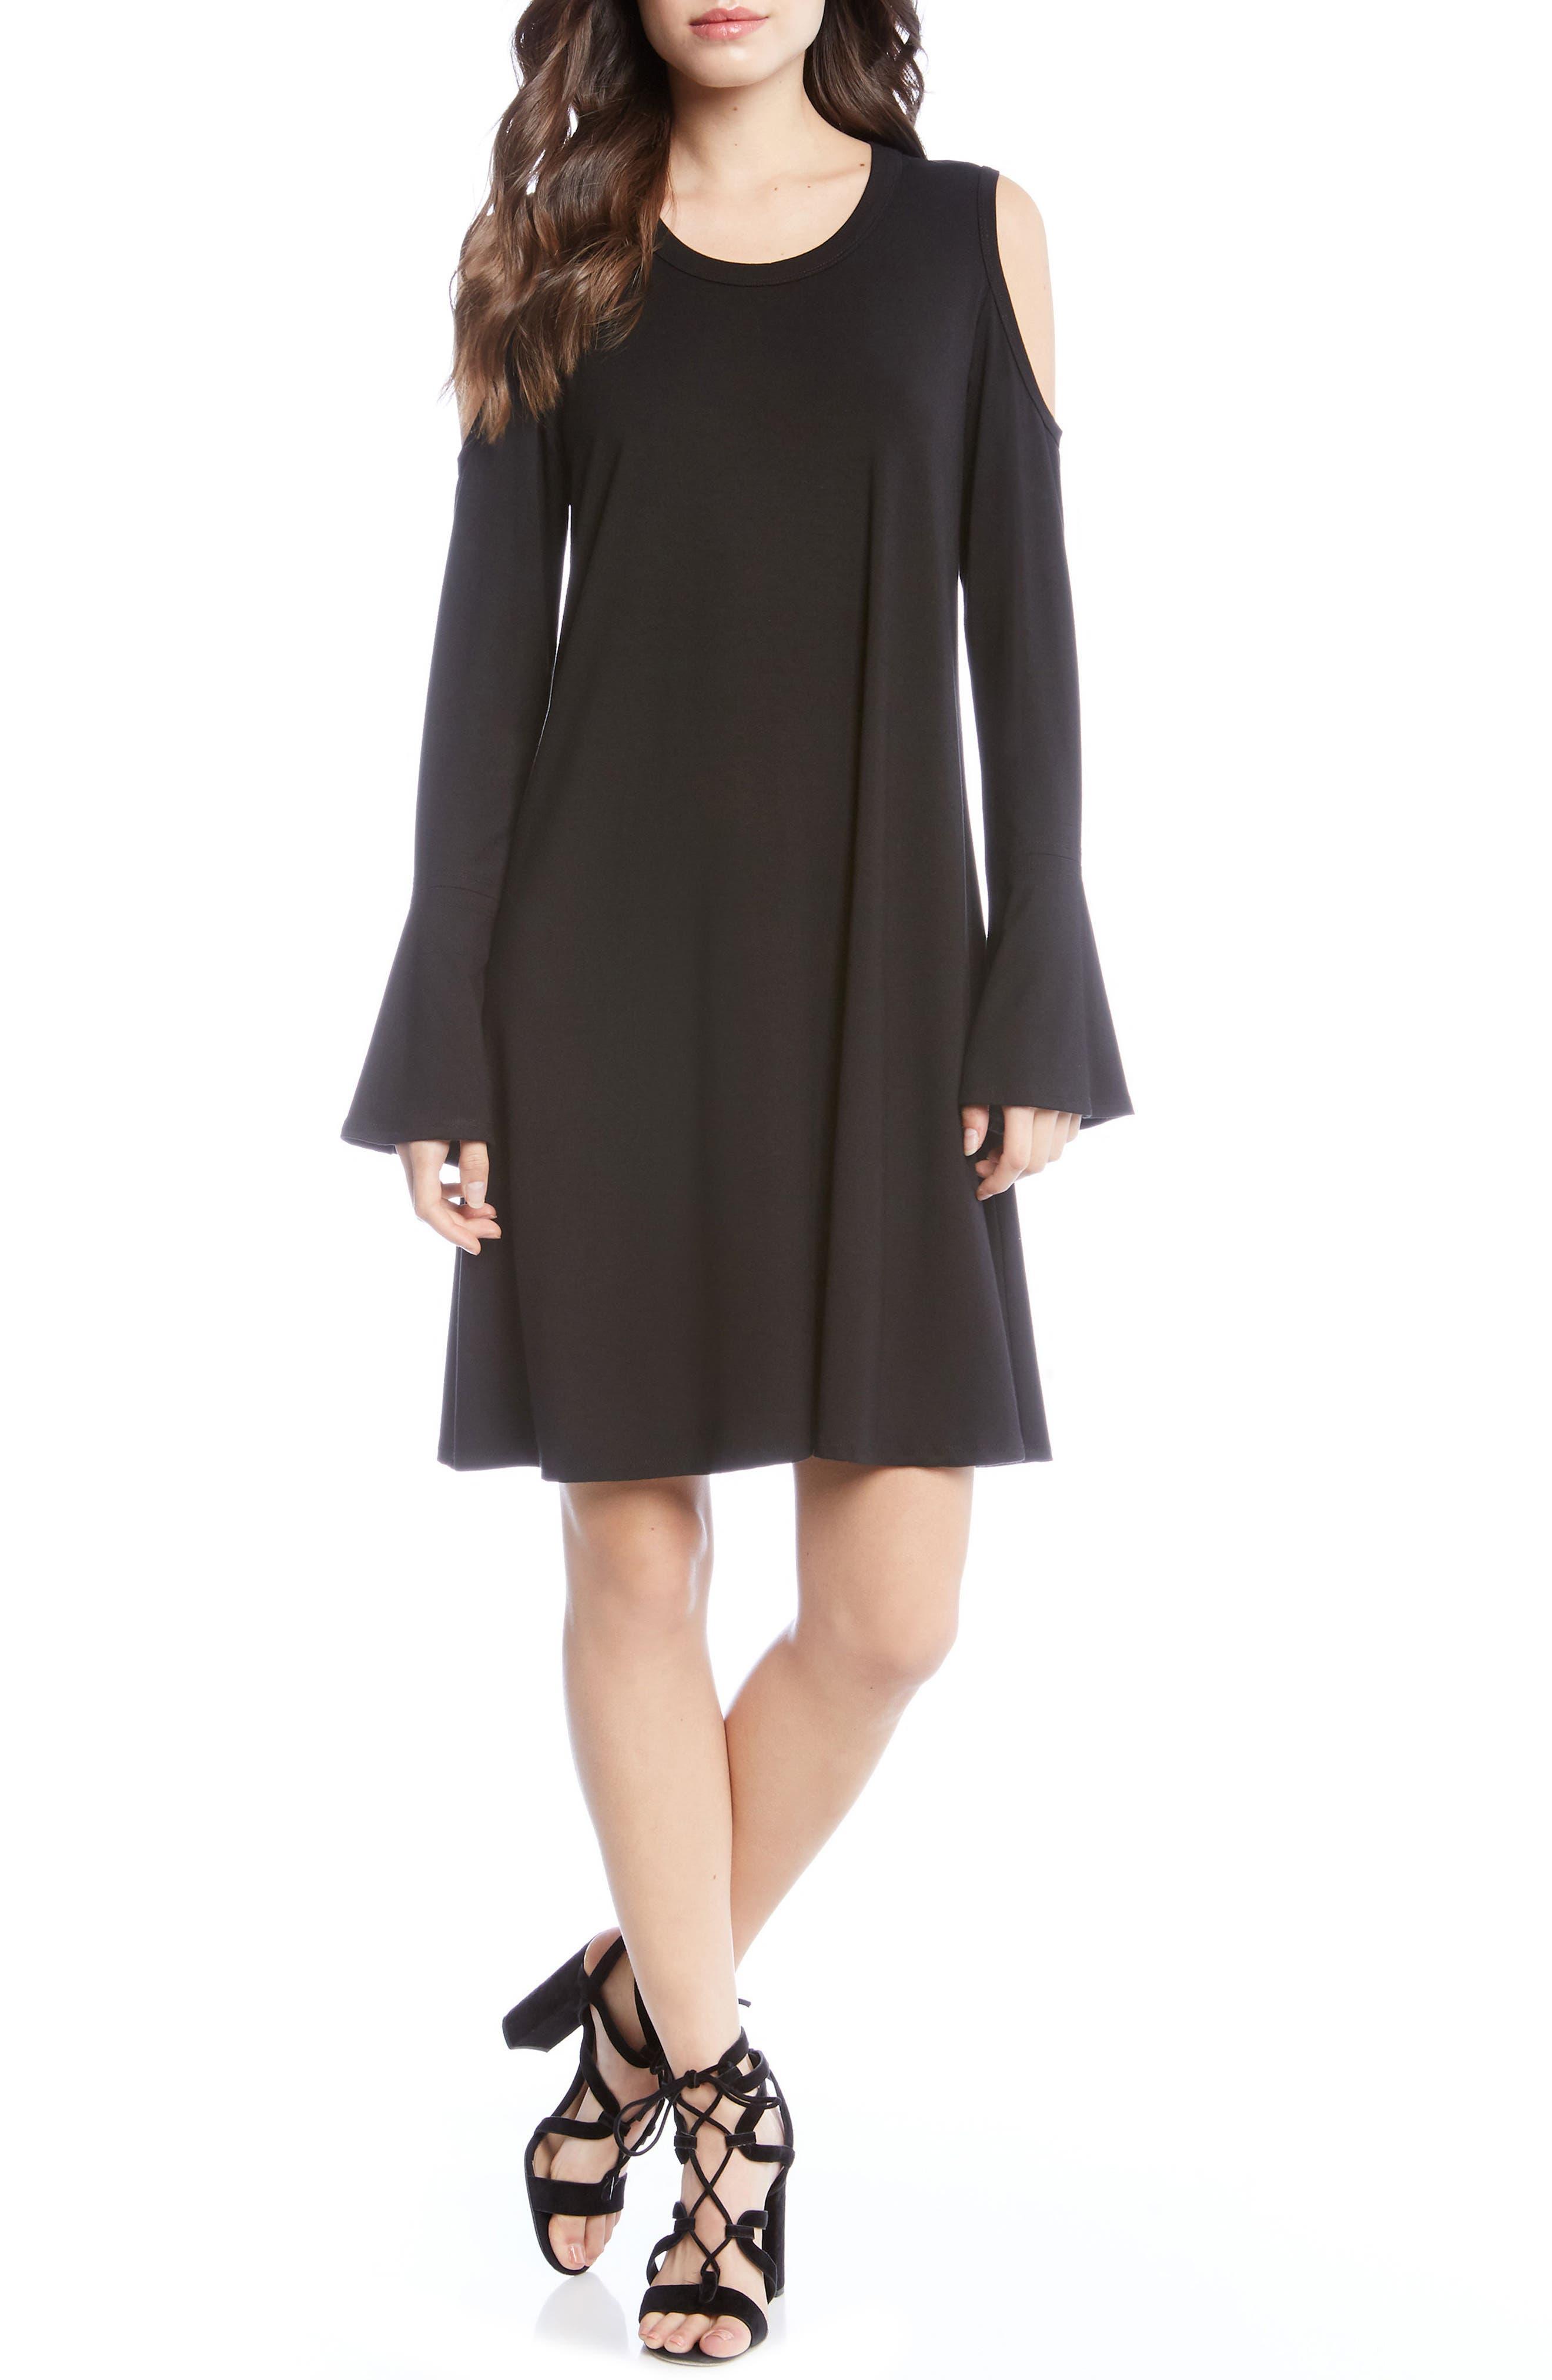 KAREN KANE Cold Shoulder A-Line Dress, Main, color, 001